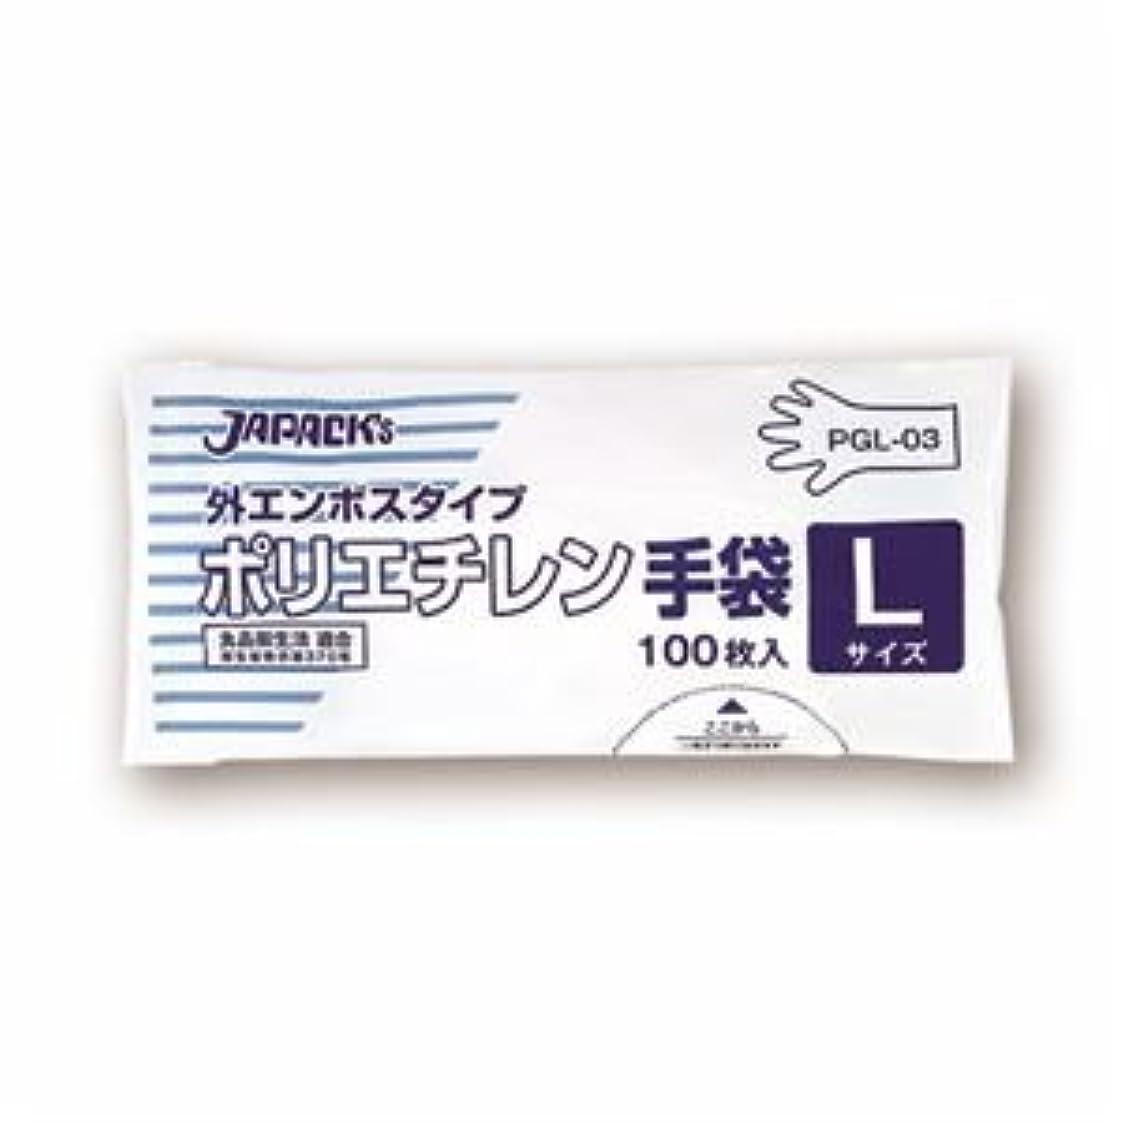 常識篭ペア(まとめ) ジャパックス 外エンボスタイプ LDポリエチレン手袋 L PGL-03 1パック(100枚) 【×20セット】 ds-1583316